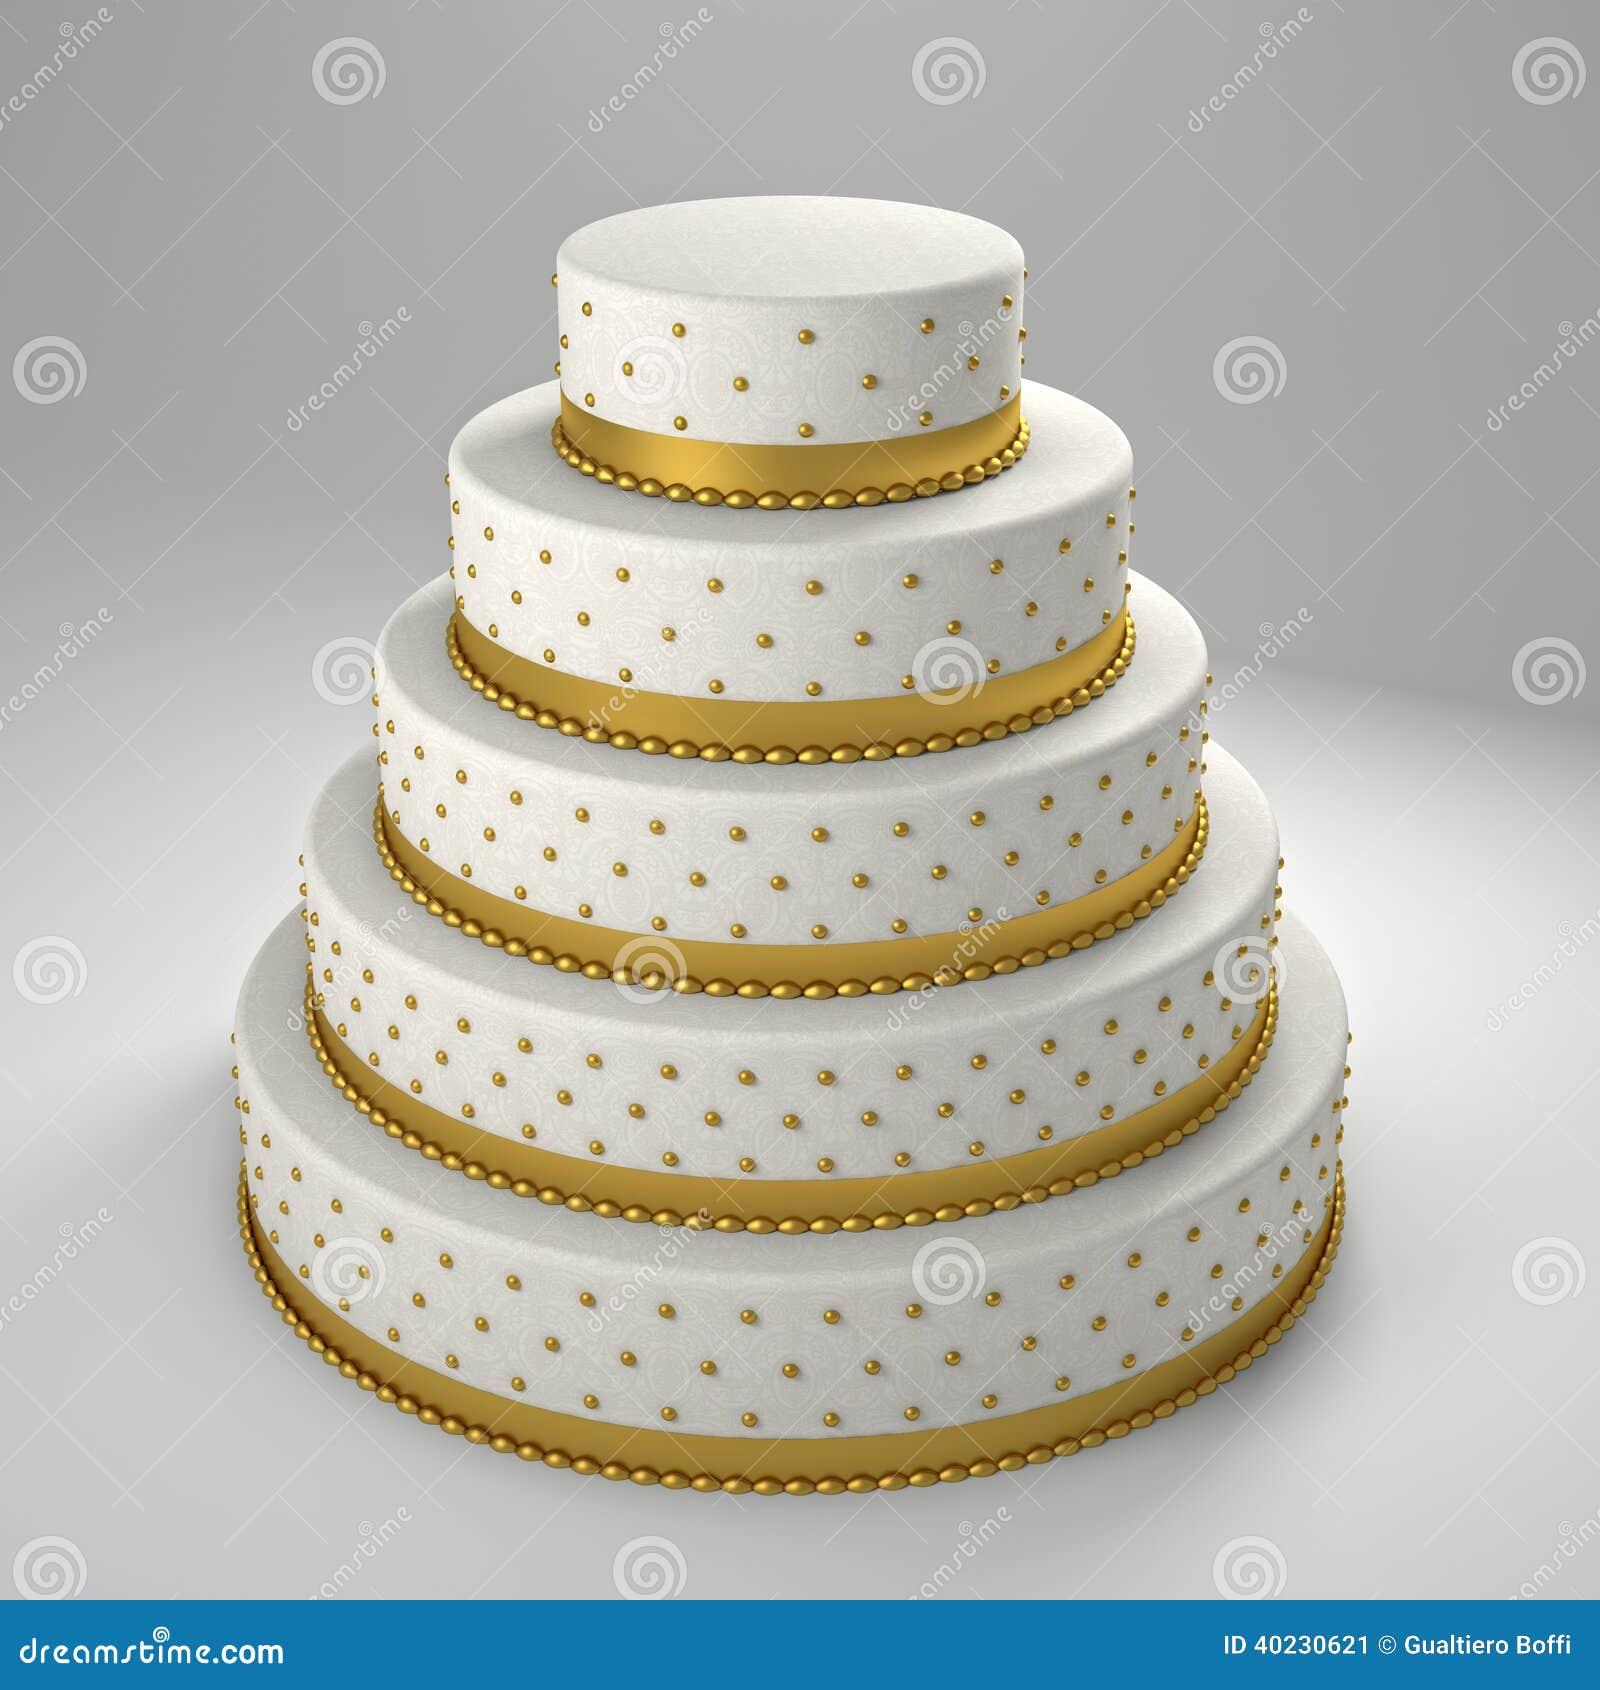 Goldene Hochzeitstorte Stock Abbildung Illustration Von Klassisch